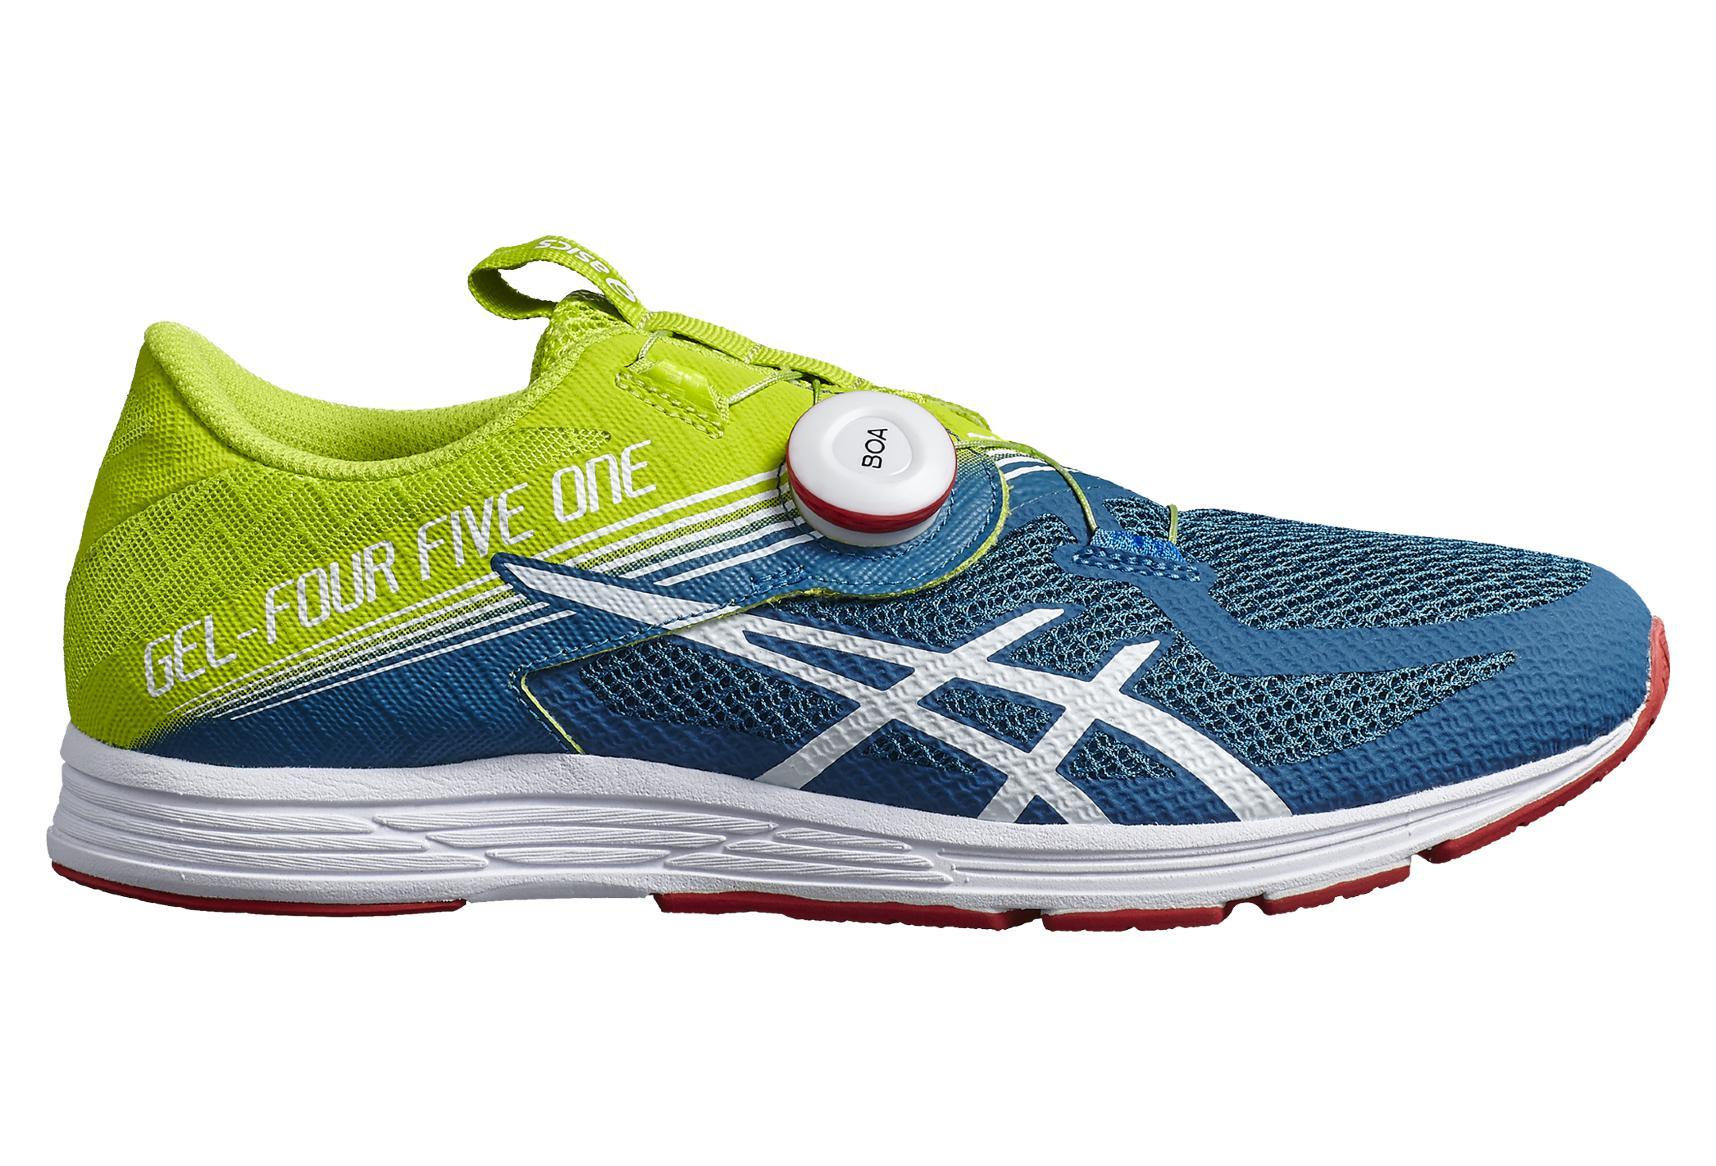 Scarpe da Running Asics Gel 451 Giallo Blu